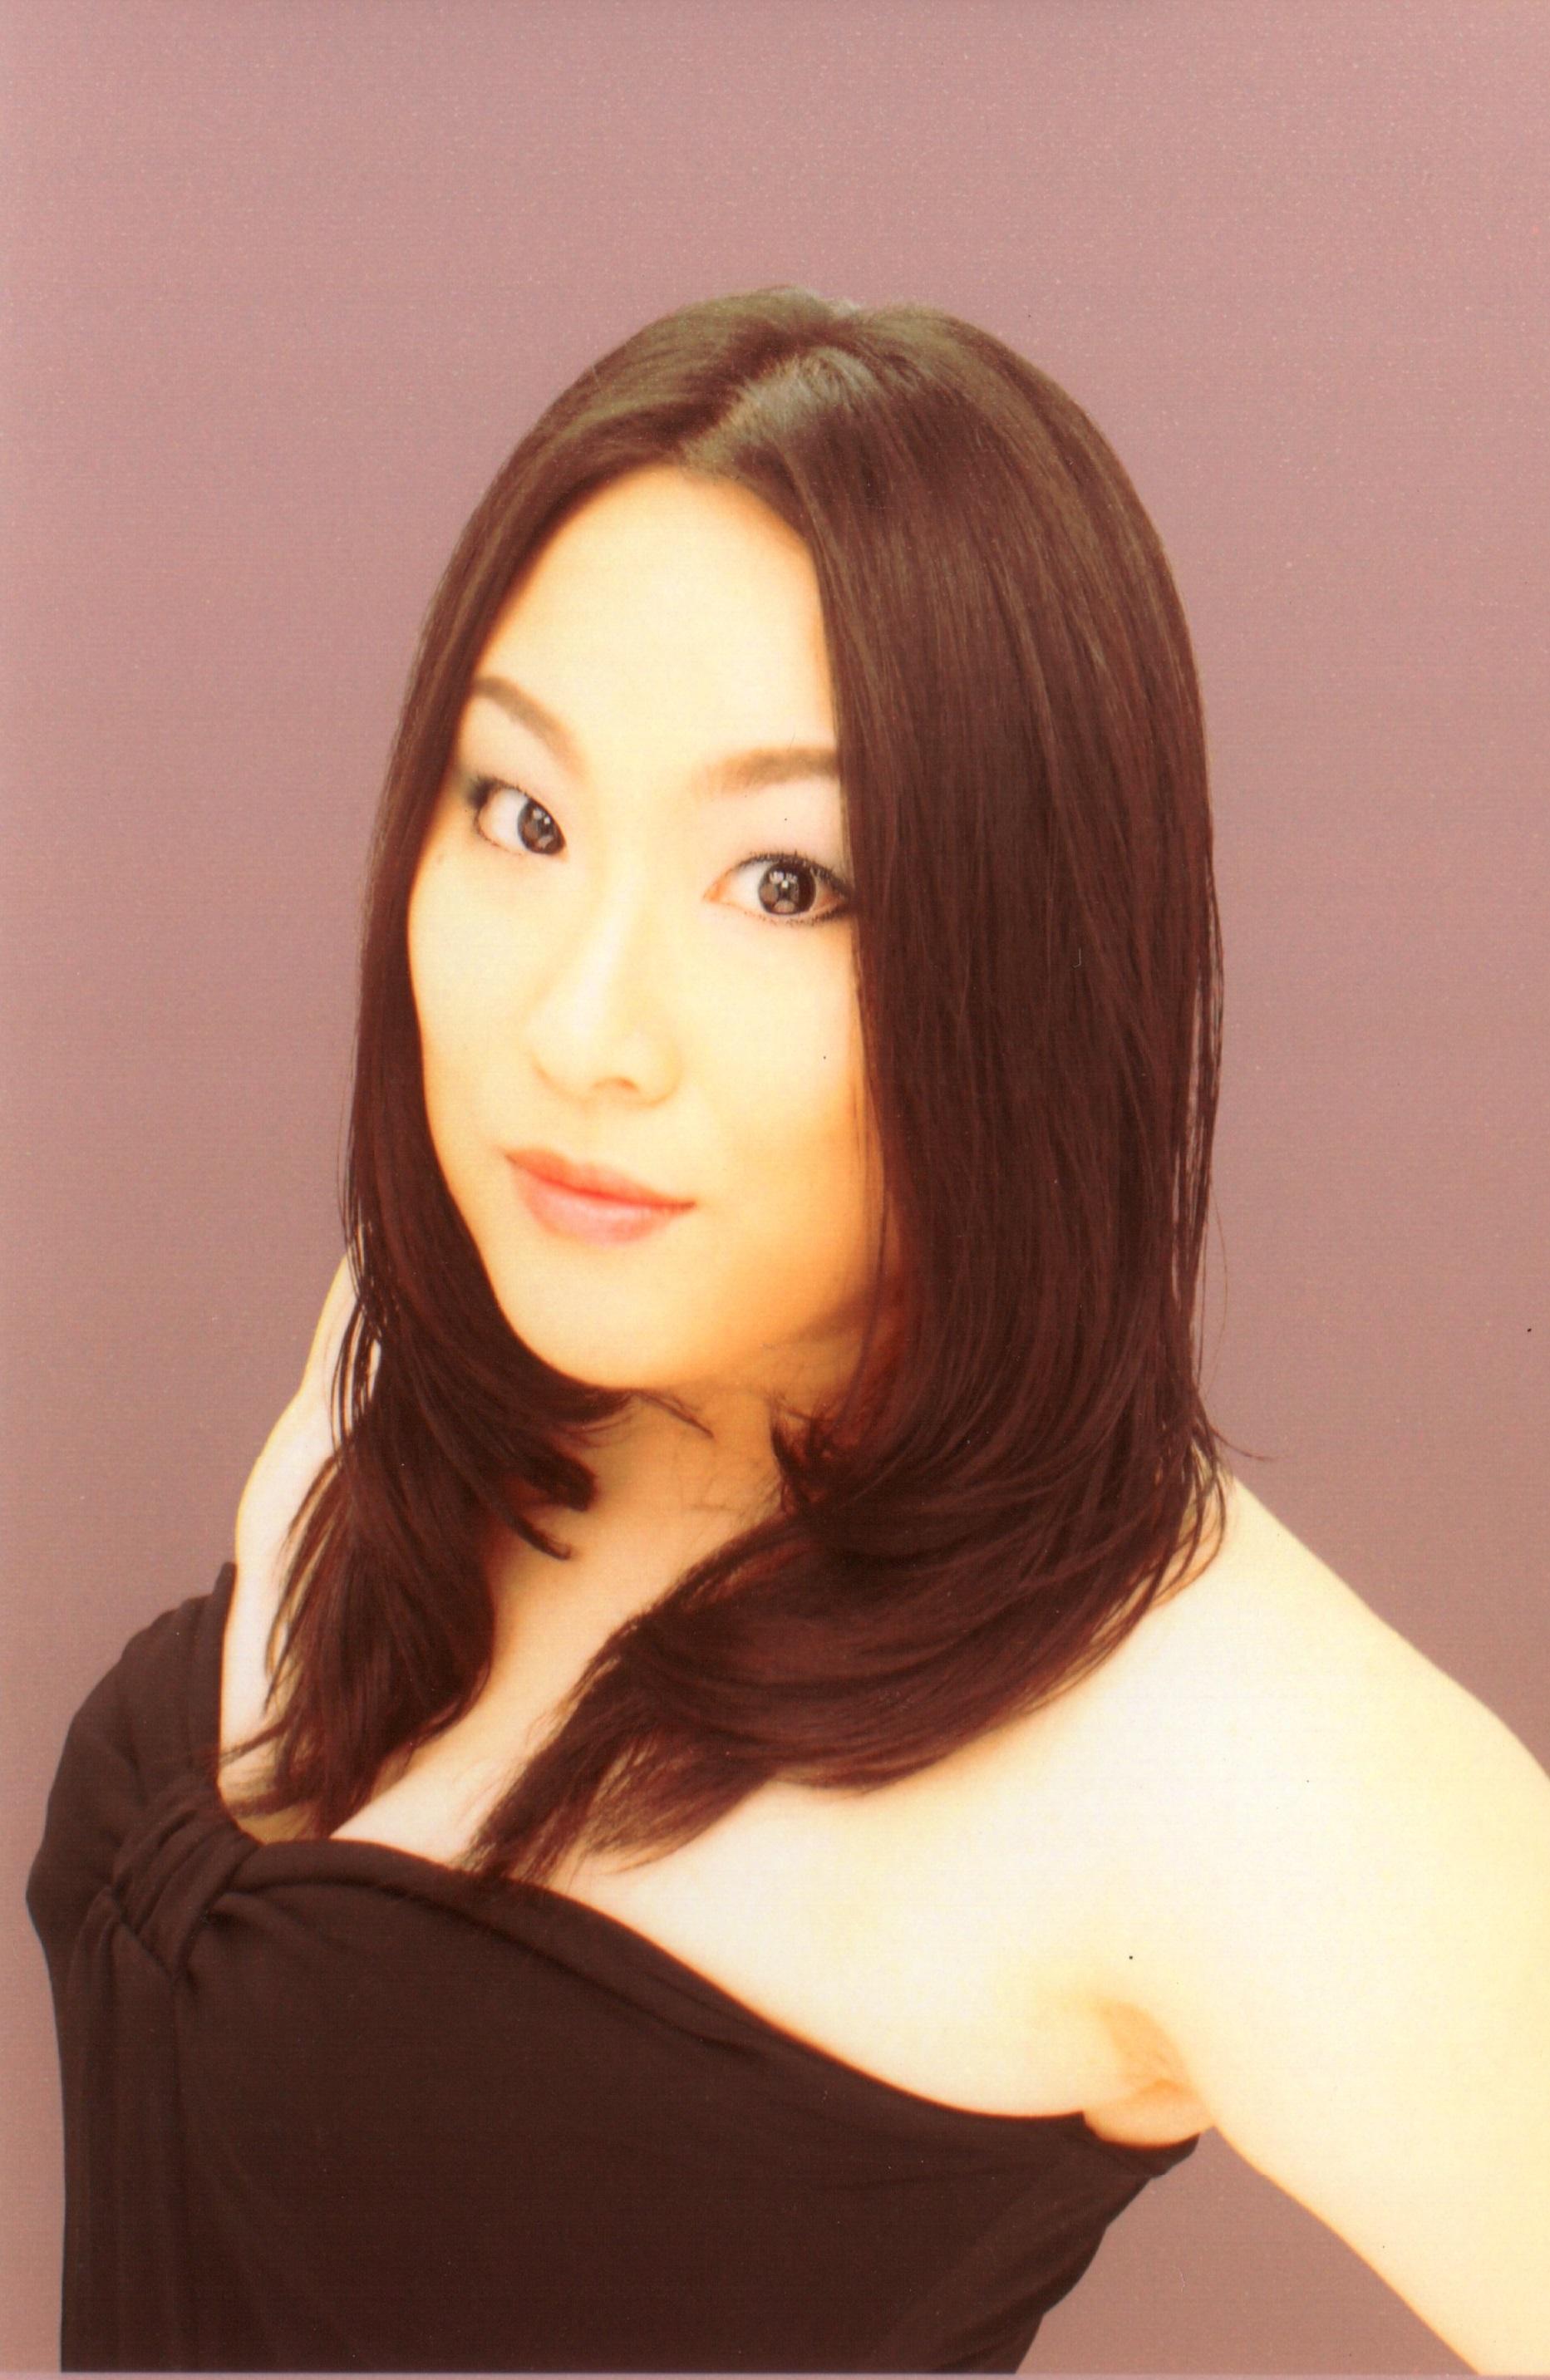 大田 亮子